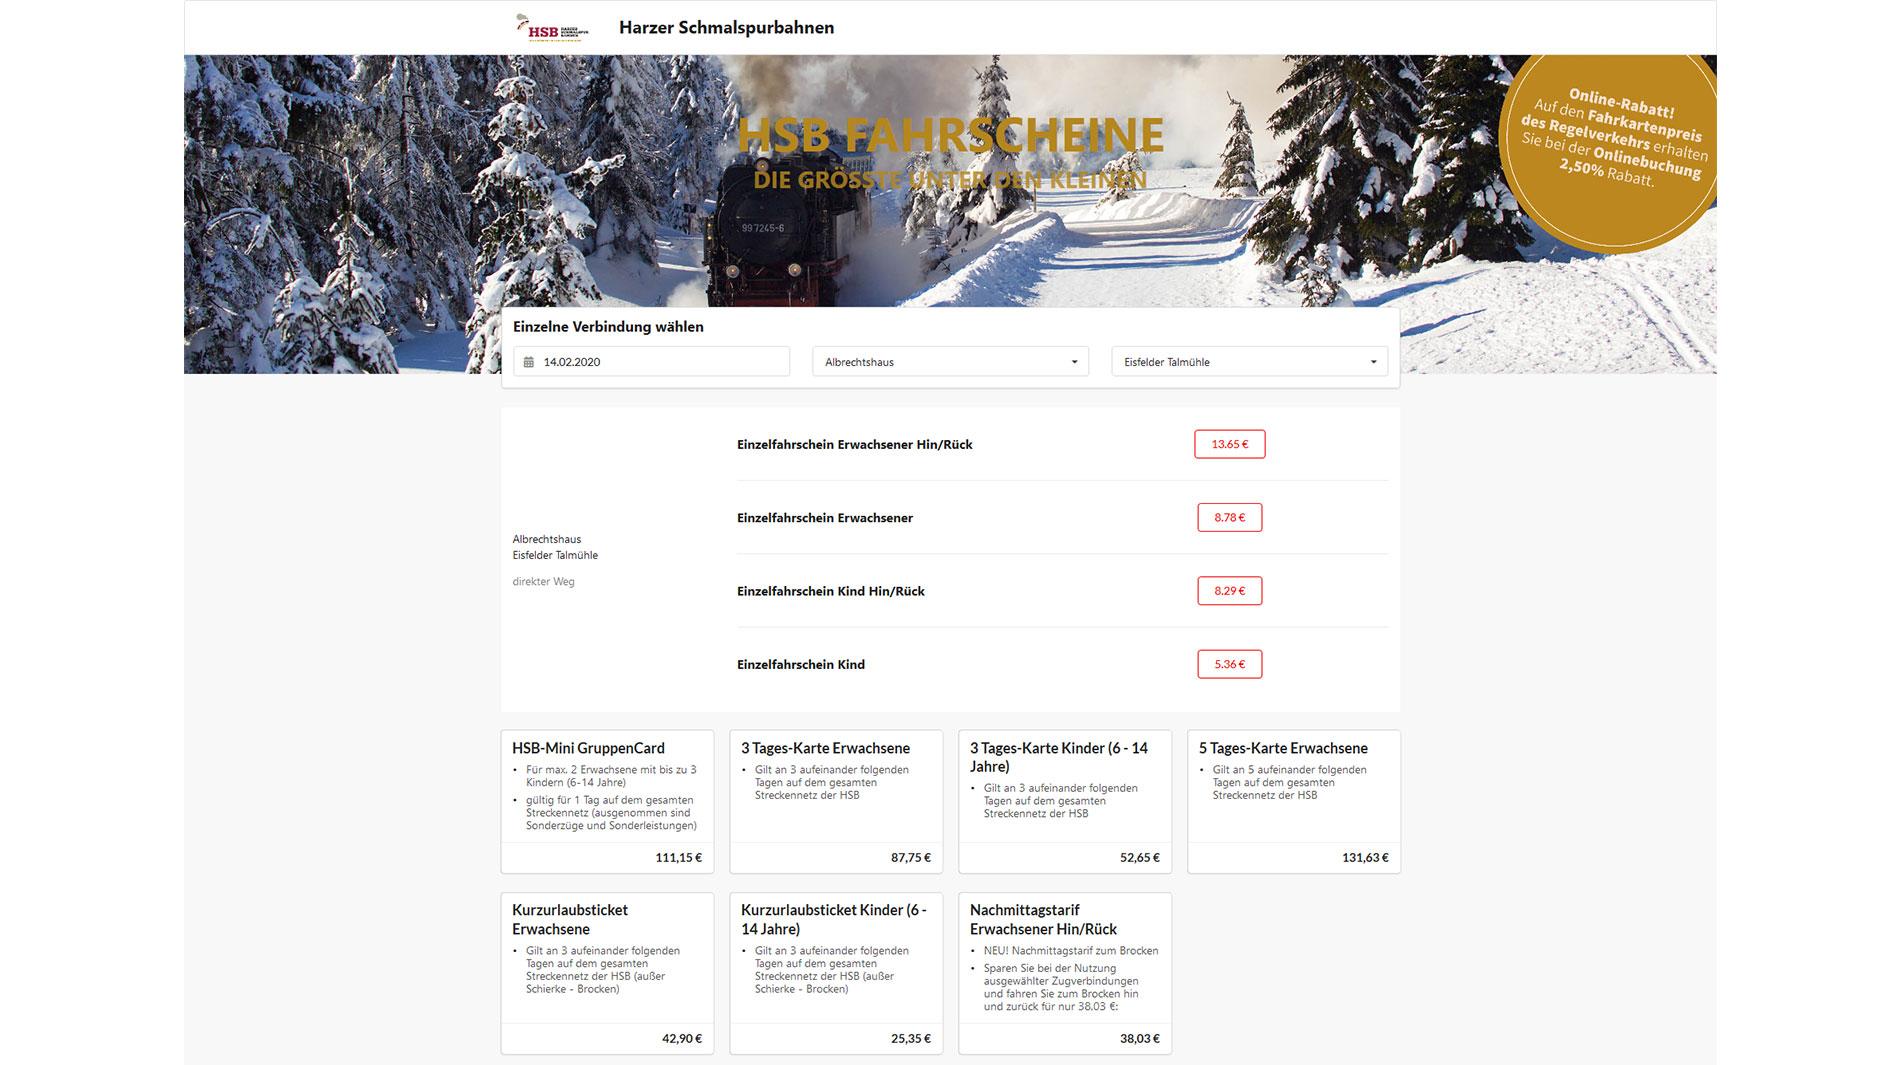 Harzer Schmalspurbahnen Ticketverkauf